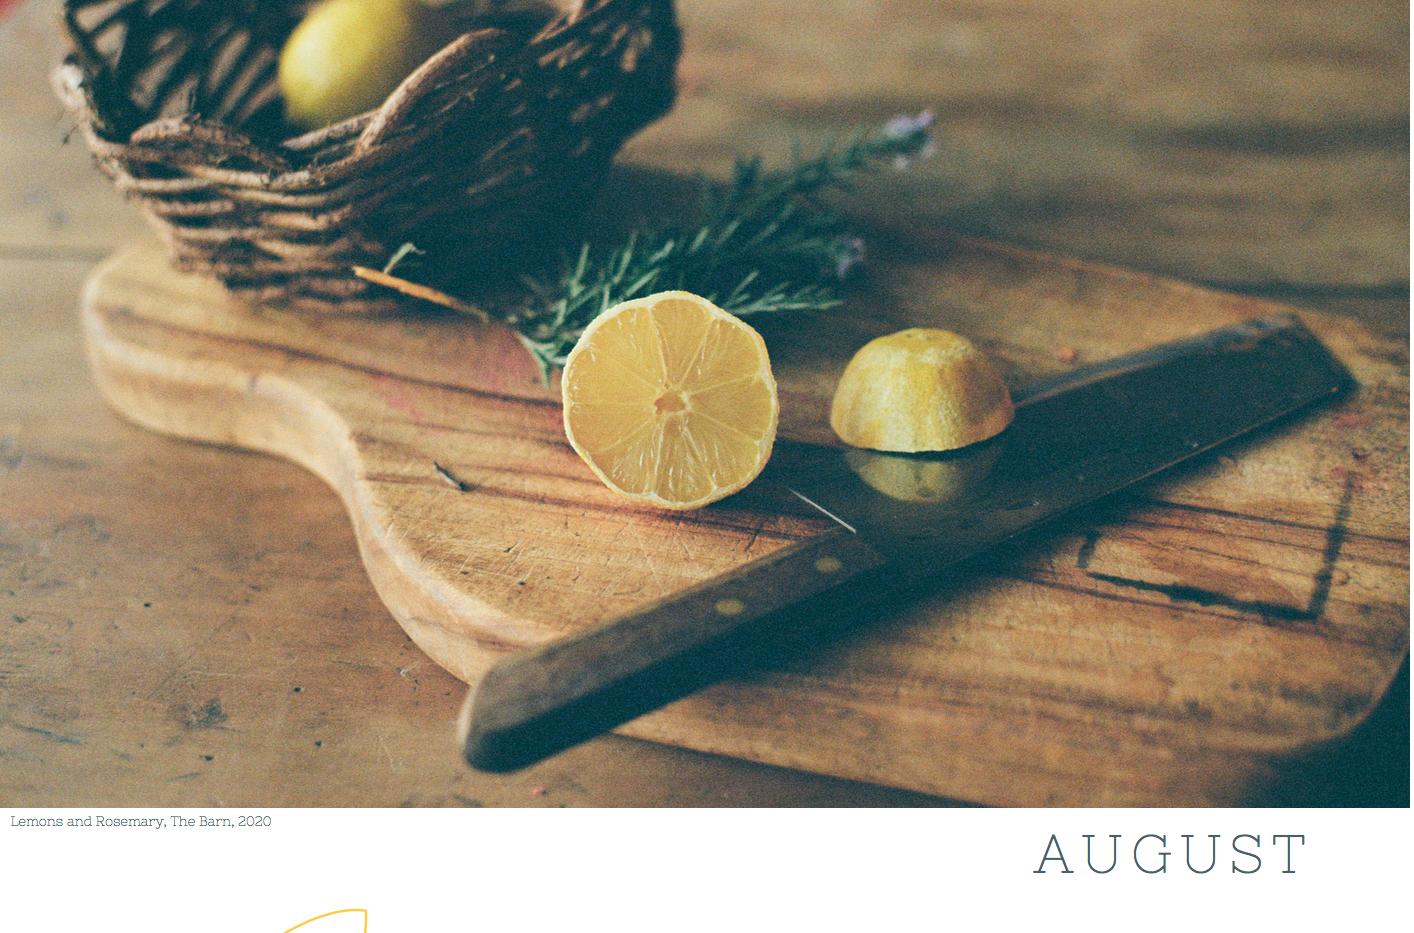 August Lemons